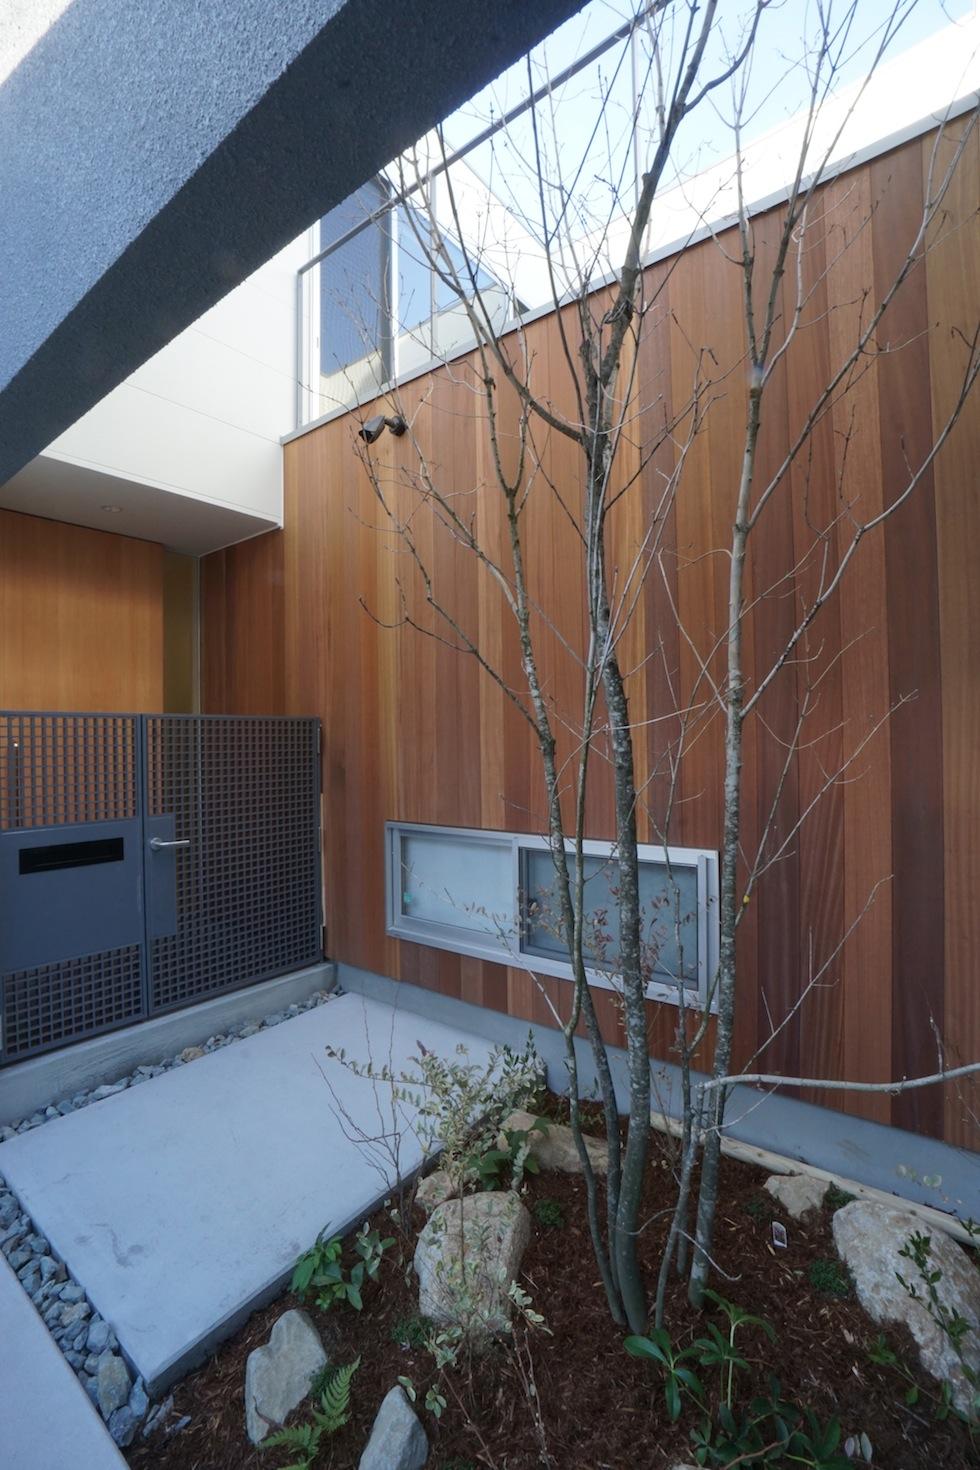 大阪,京都,神戸,建築家,高級住宅設計,上質デザイン,建築家,設計事務所,植栽